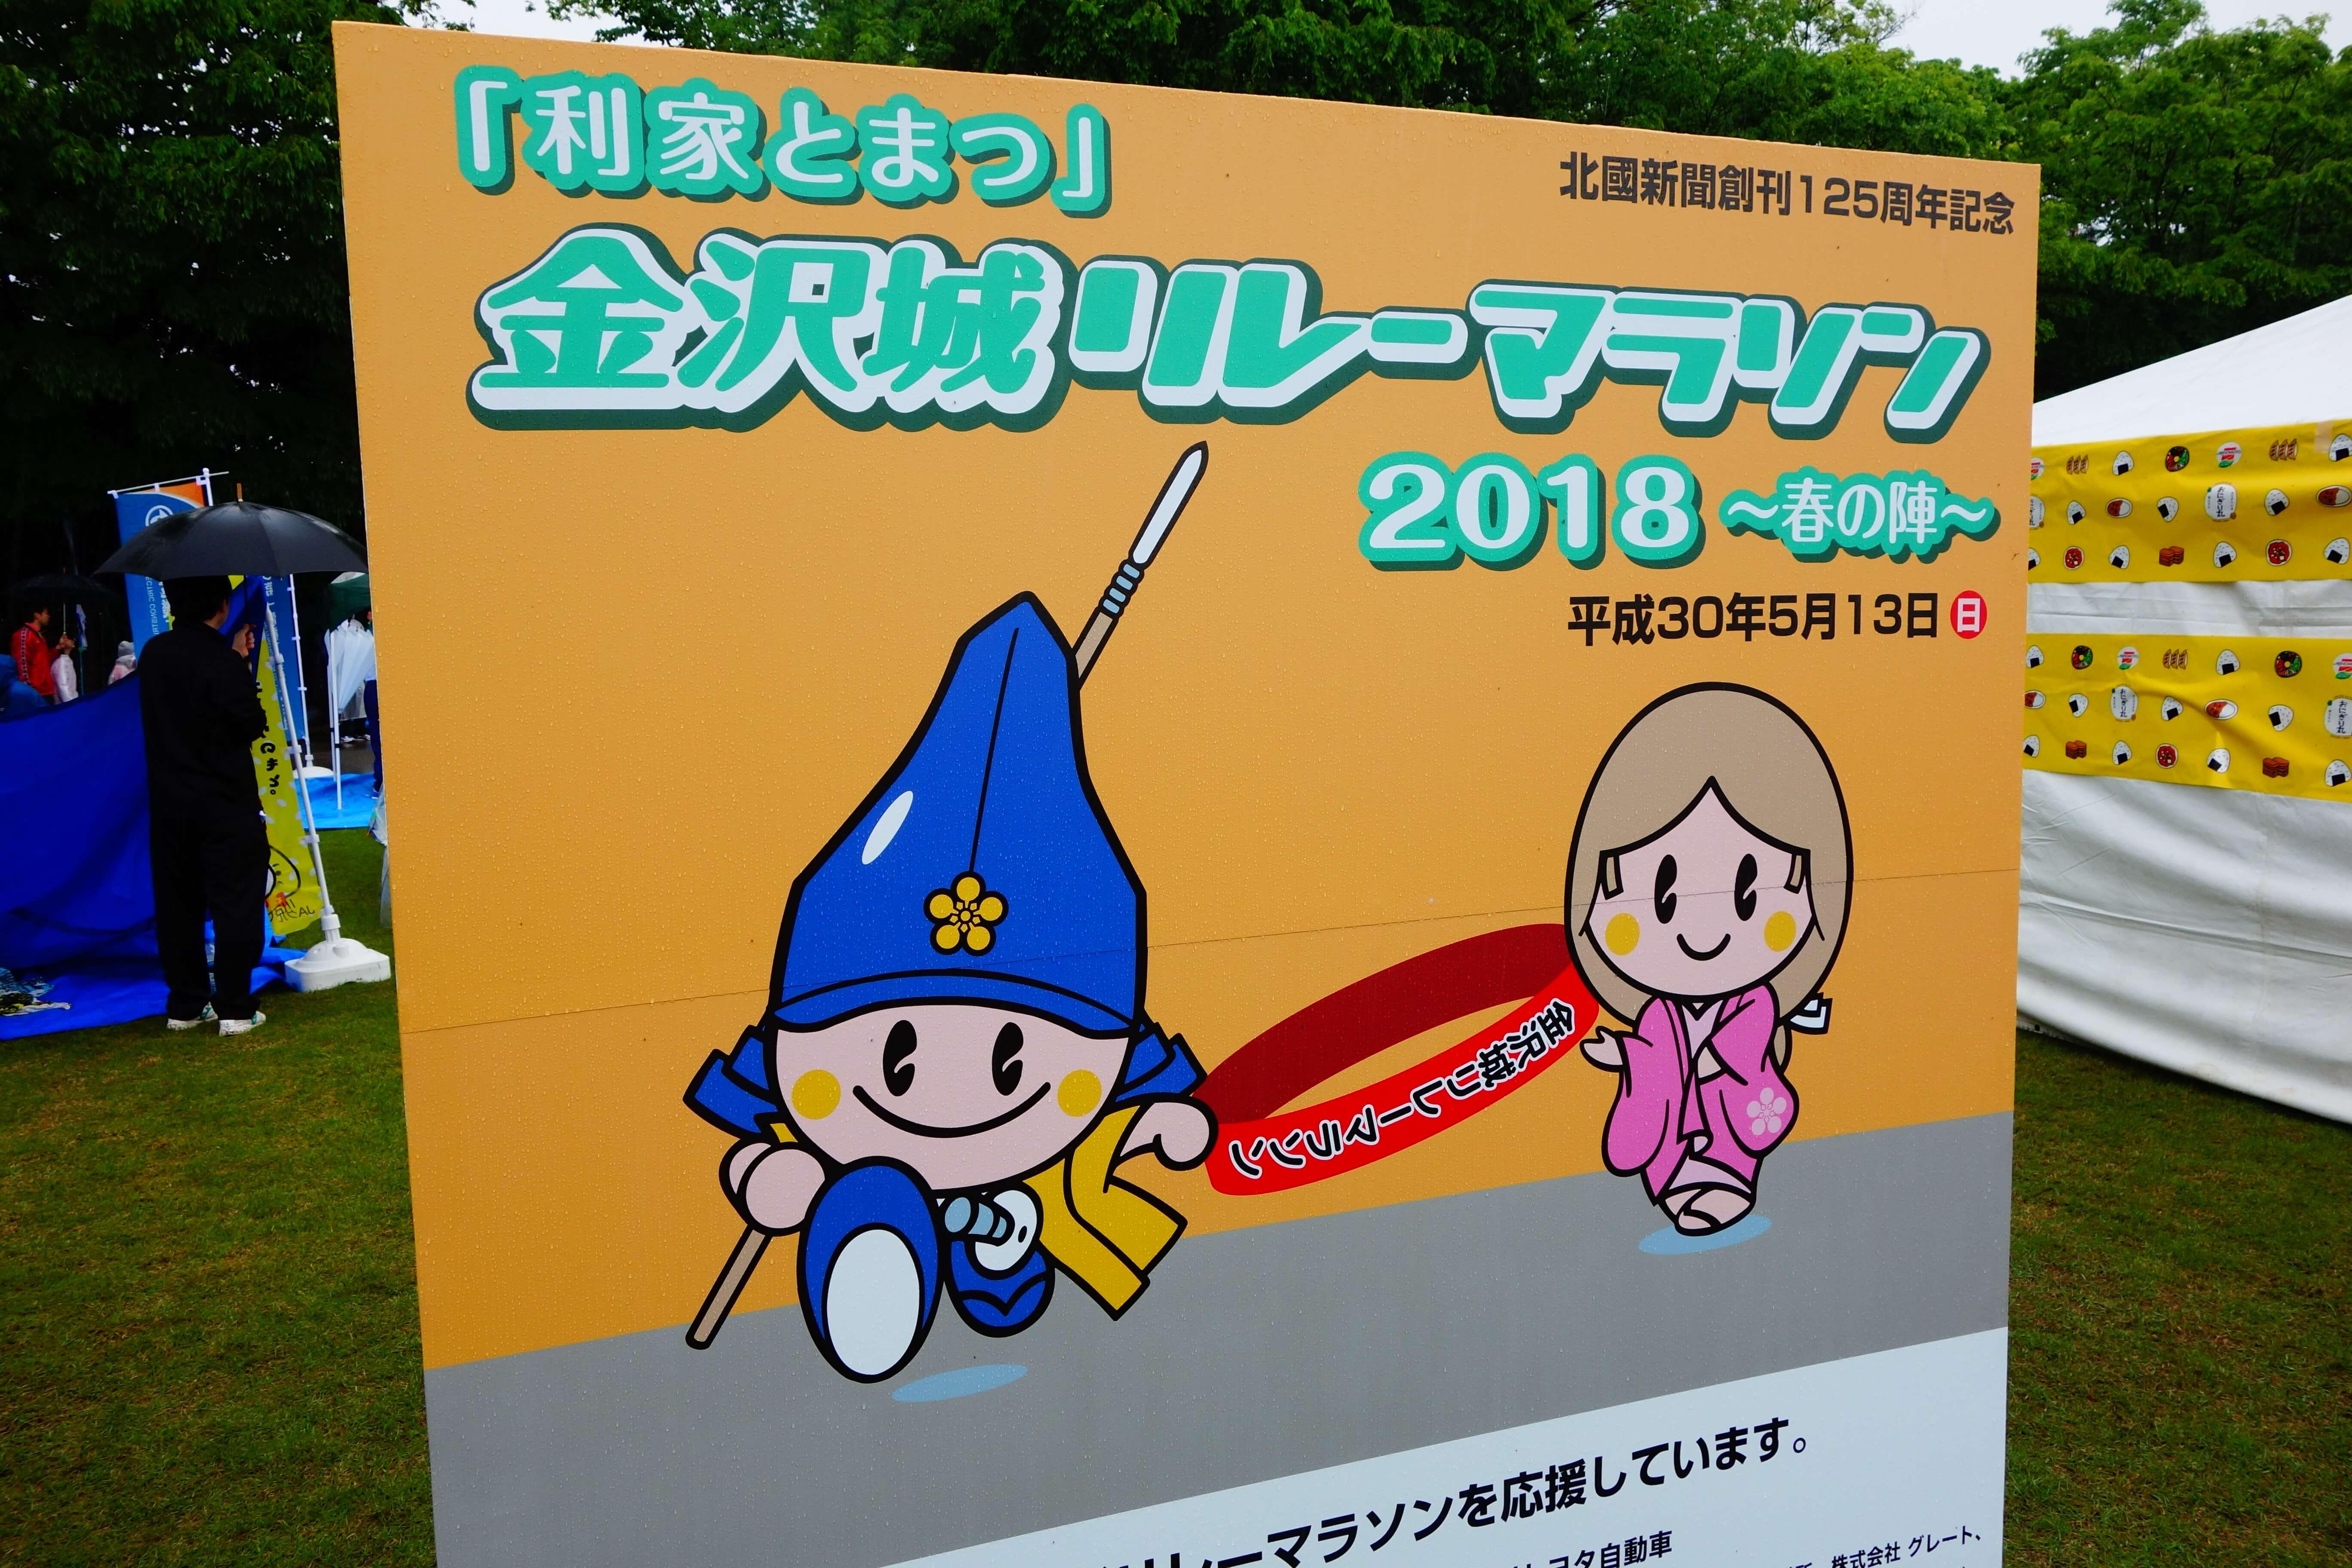 【金沢城リレーマラソン@金沢市】春の陣を走った感想!コースの難所や見どころをご紹介